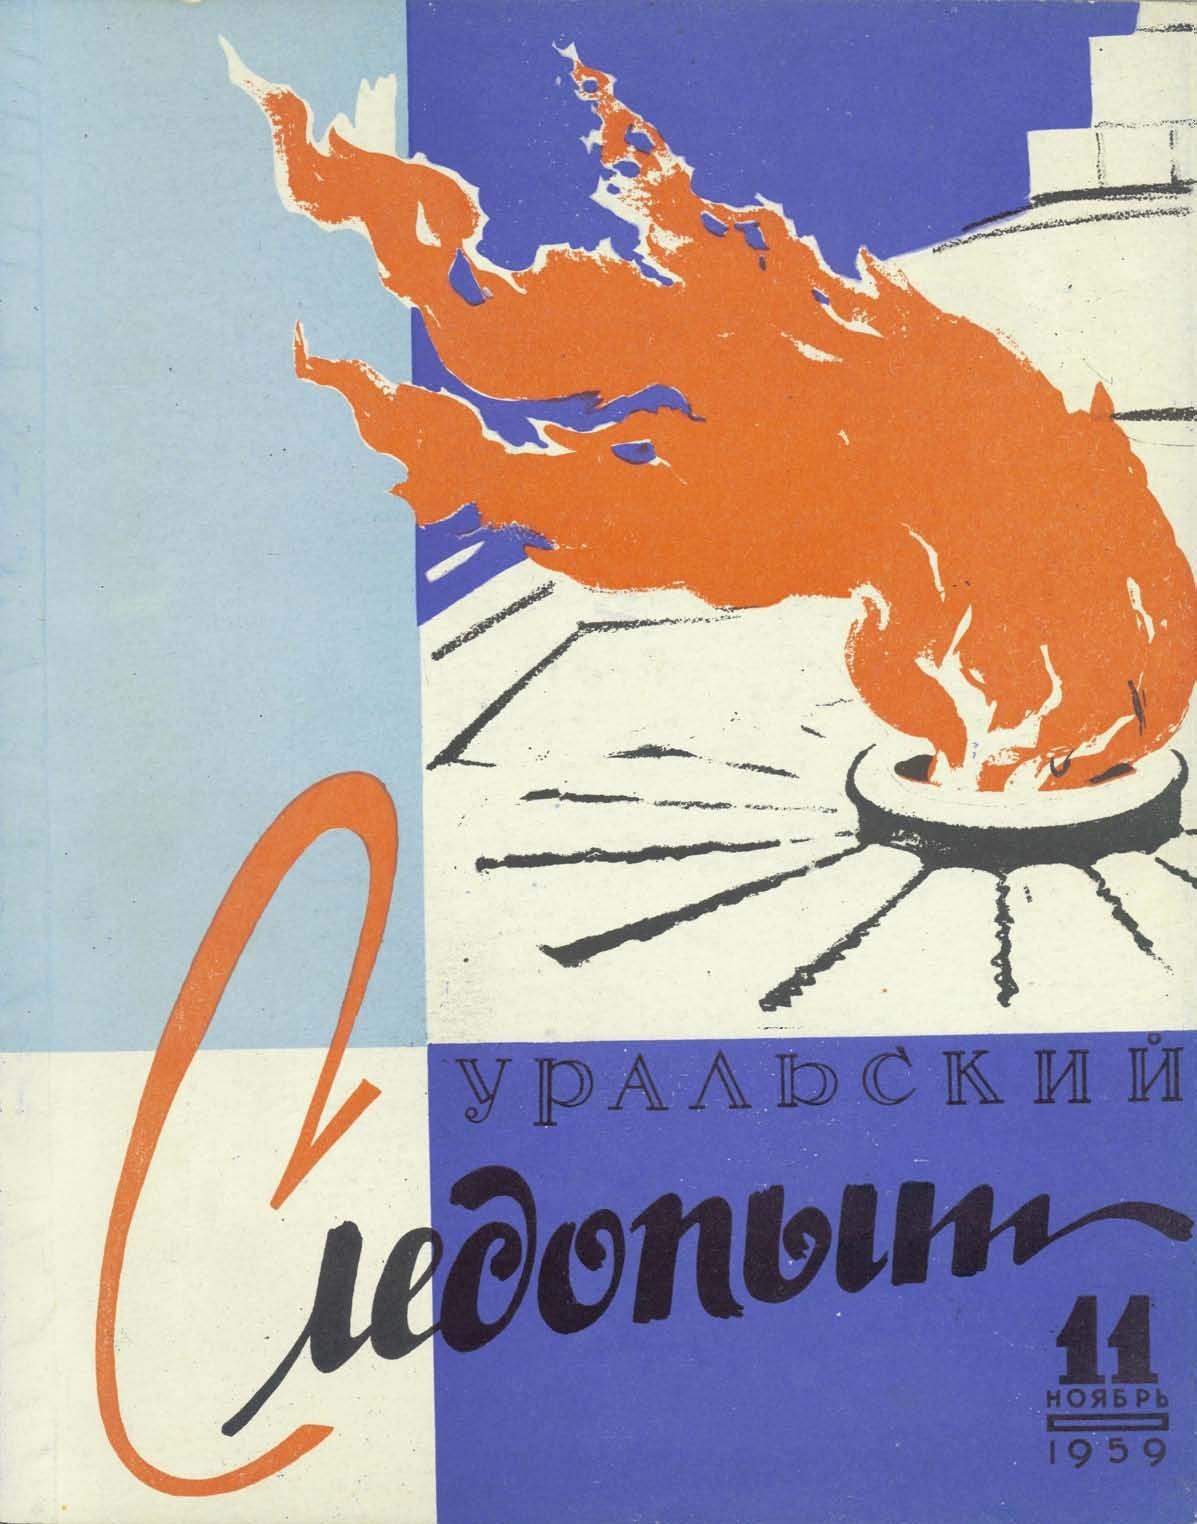 Отсутствует Уральский следопыт №11/1959 отсутствует уральский следопыт 08 1959